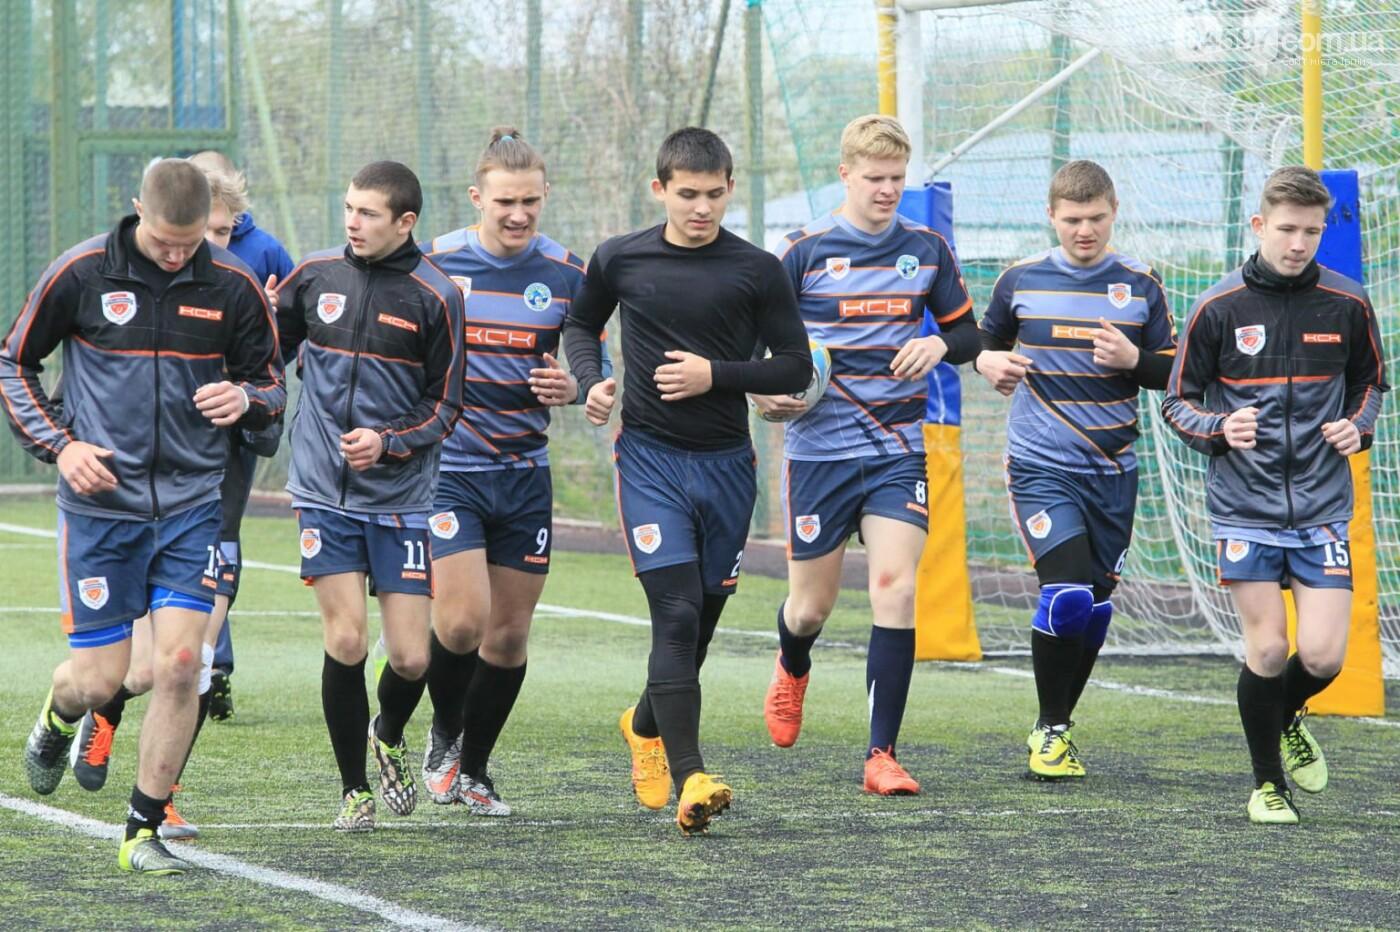 Ірпінчани здобули перемогу в першому турі чемпіонату України з регбі-7 серед юніорів , фото-1